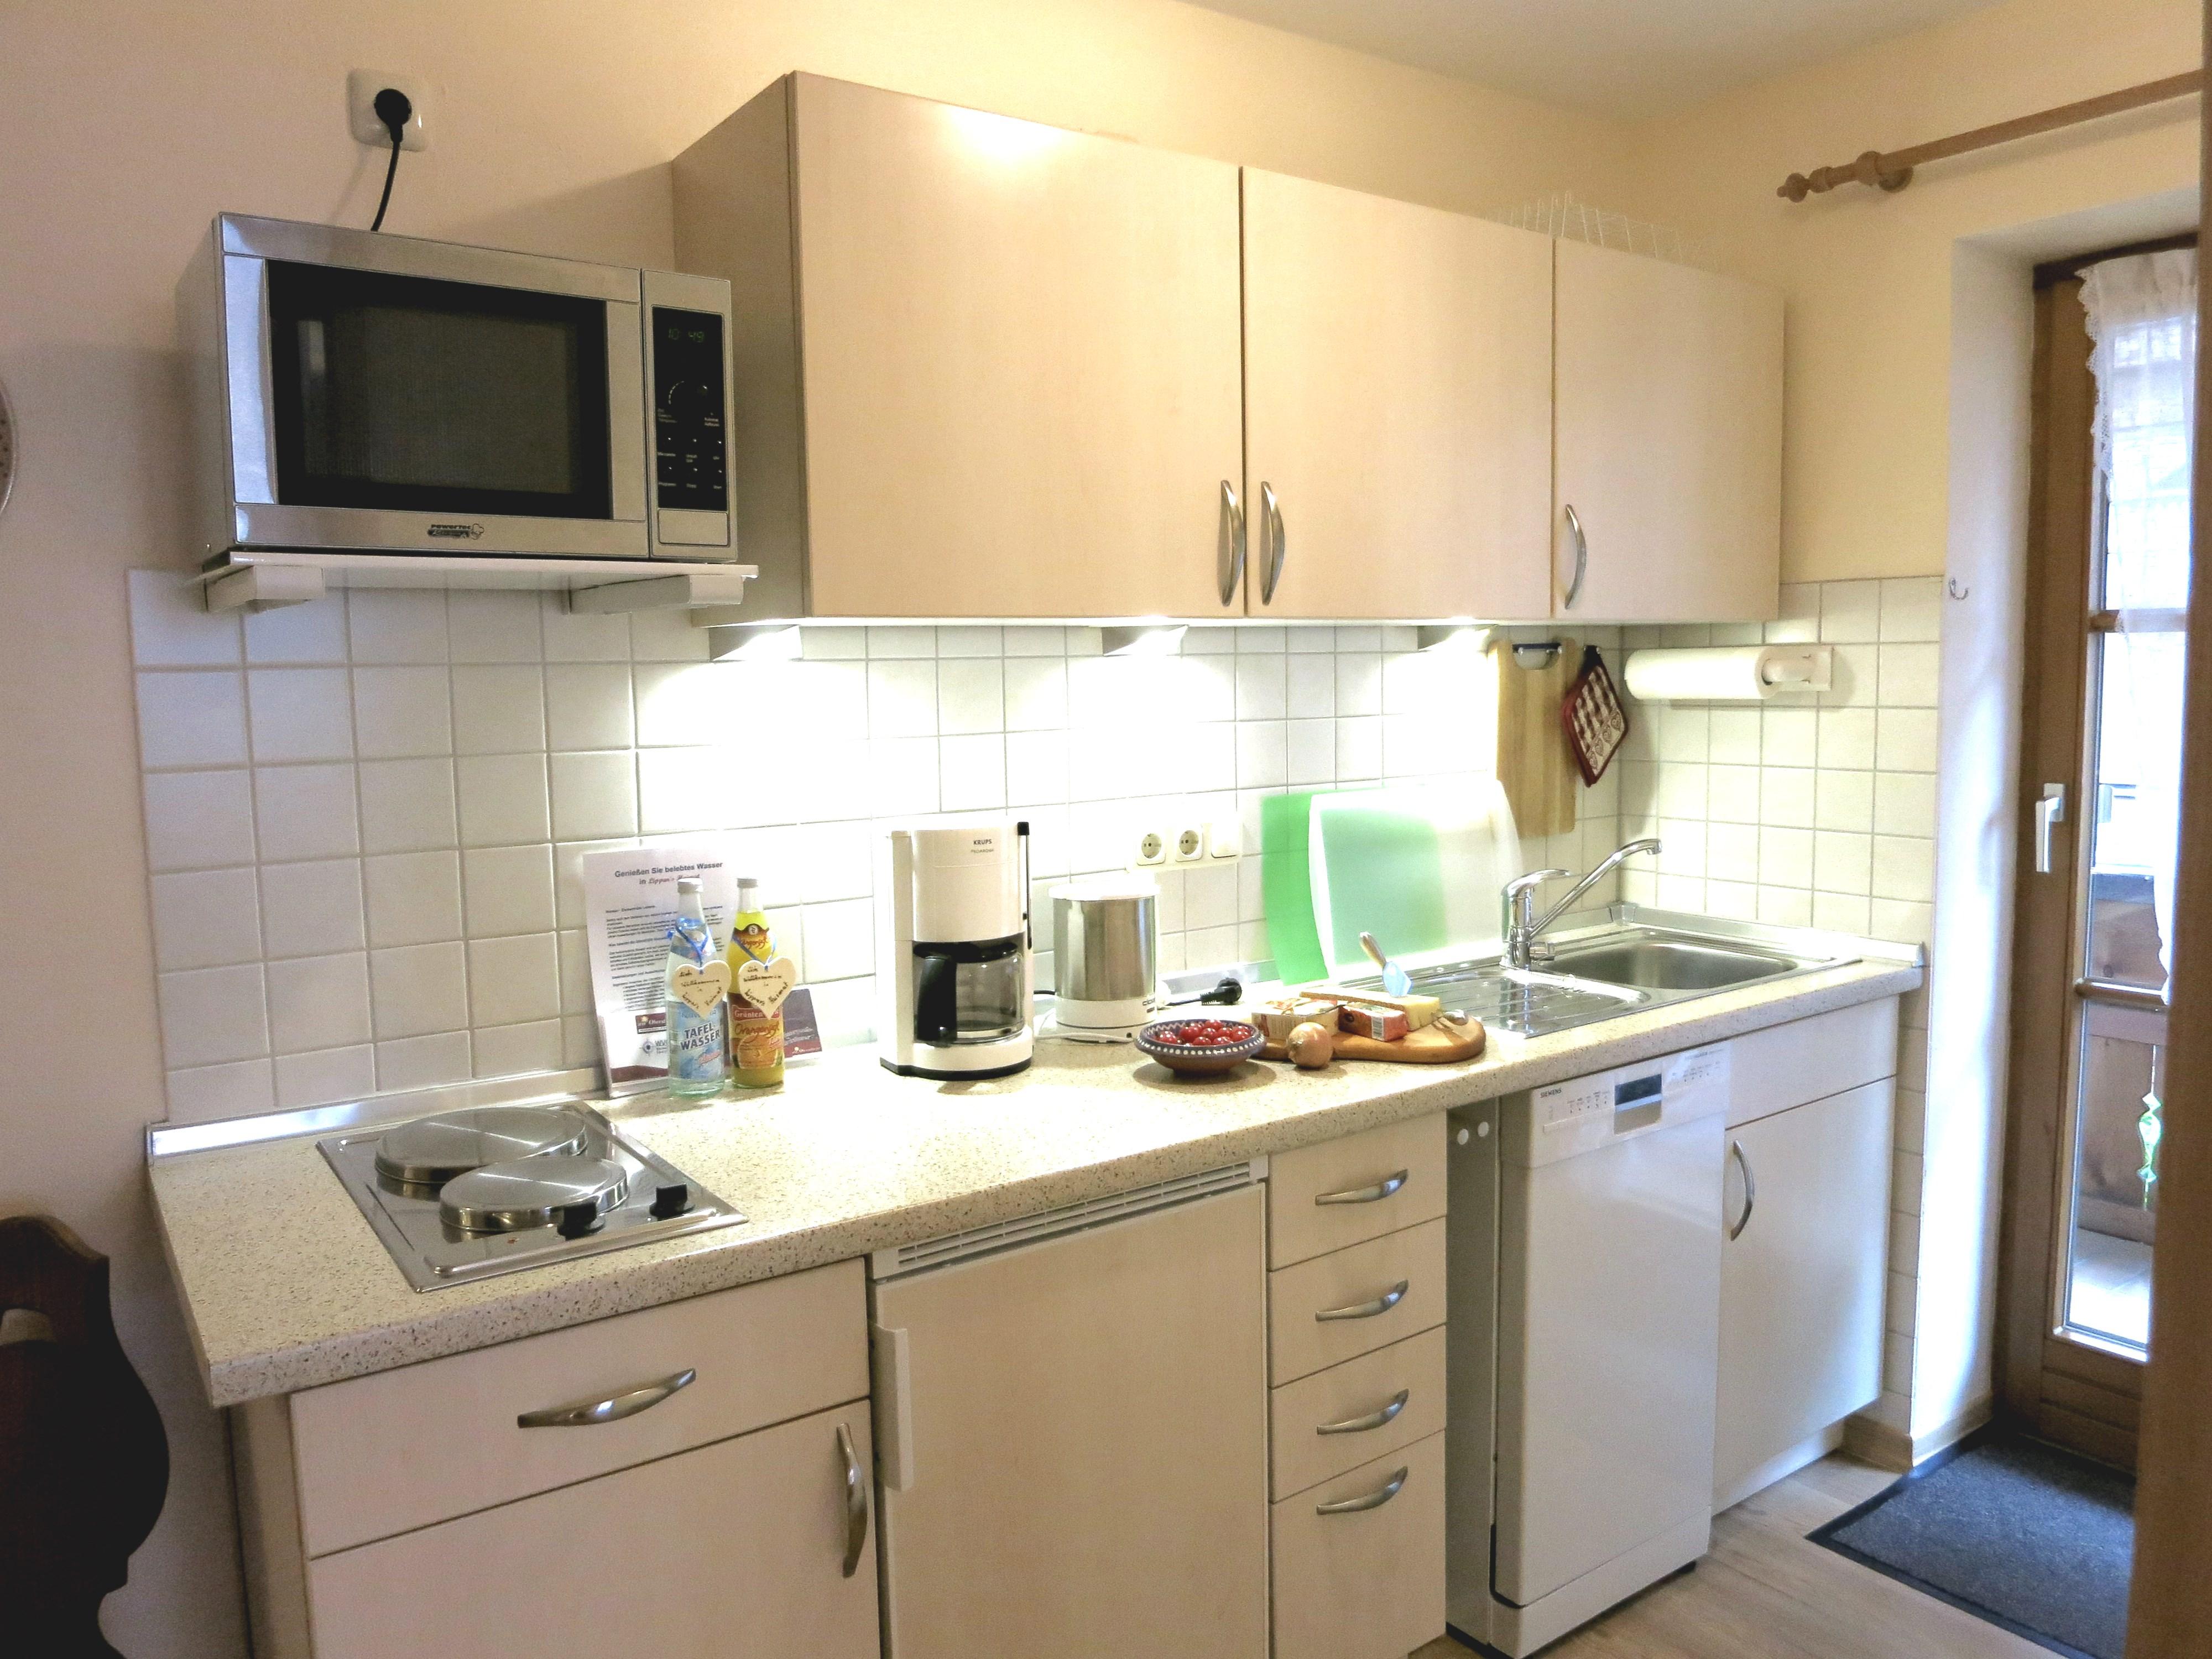 Willkommen bei Lippars Huimat, **** Ferienwohnungen in Oberstdorf im ...